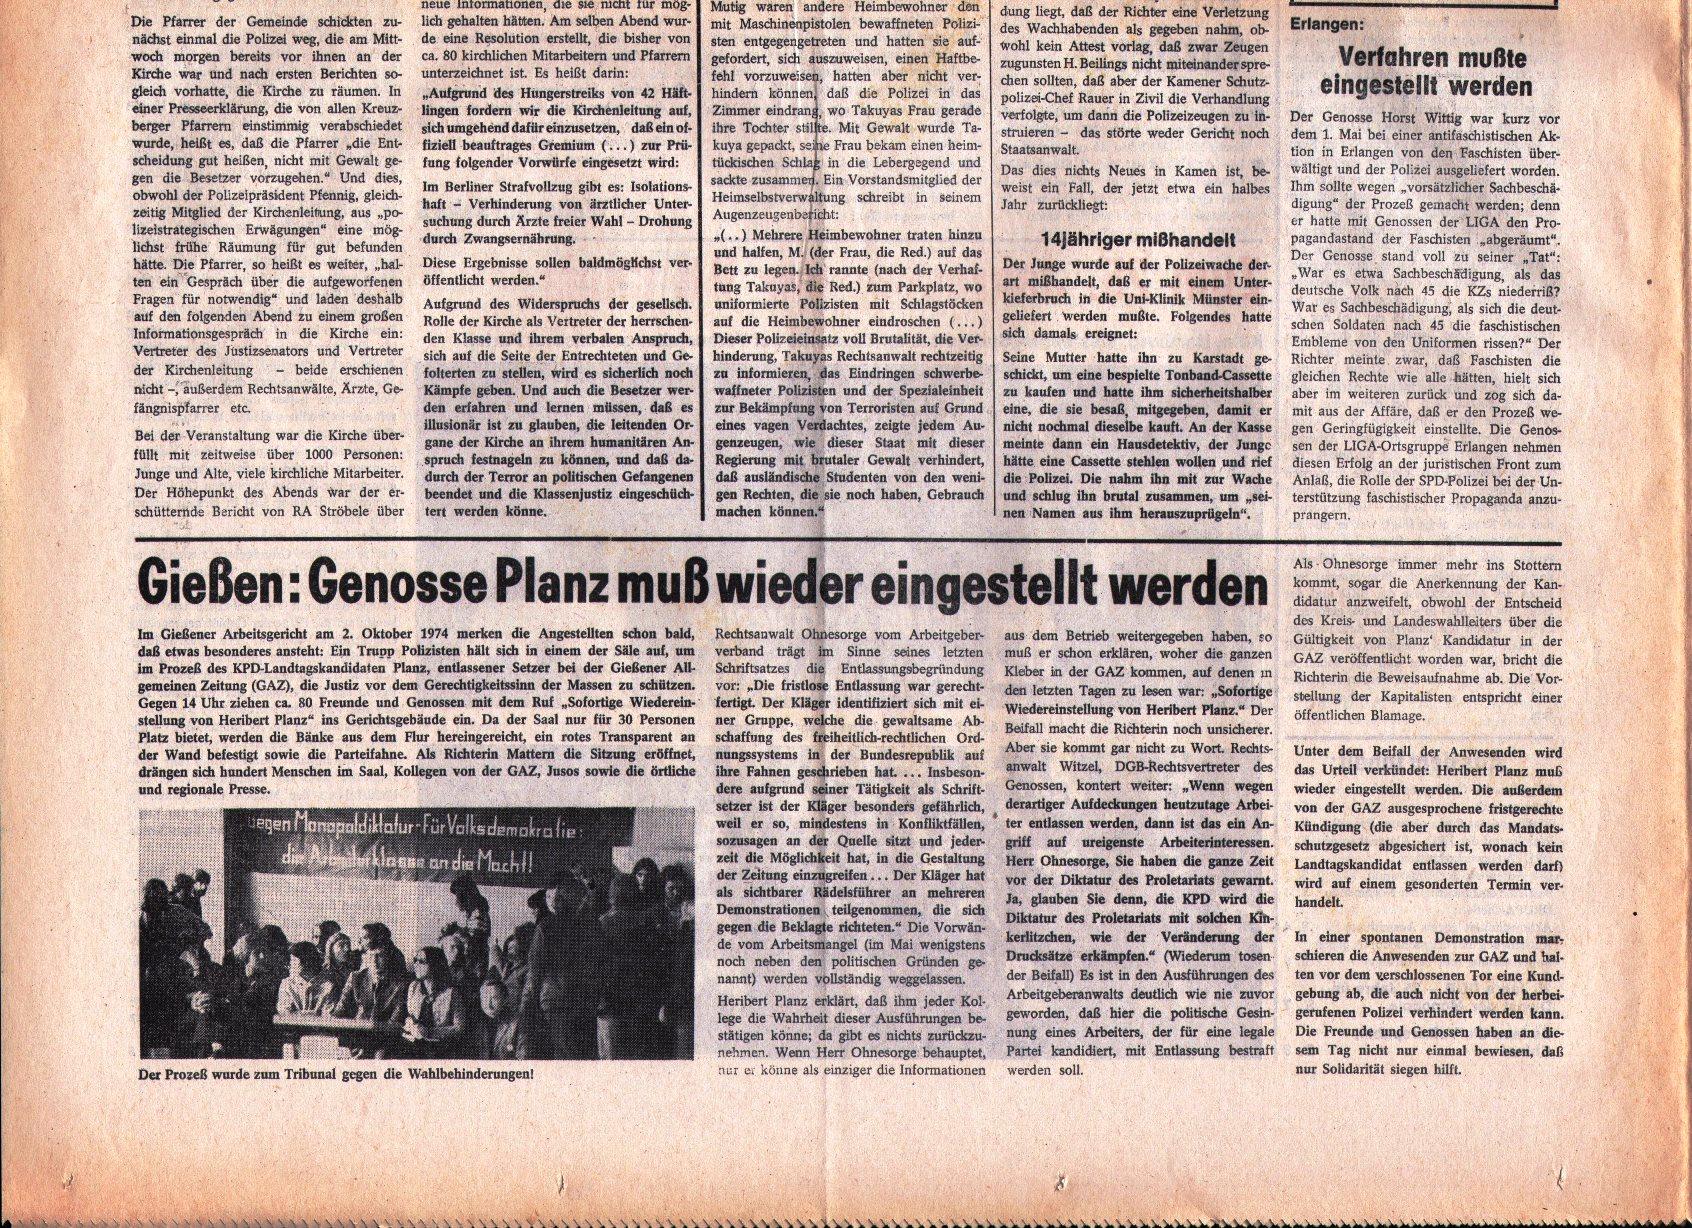 KPD_Rote_Fahne_1974_41_04